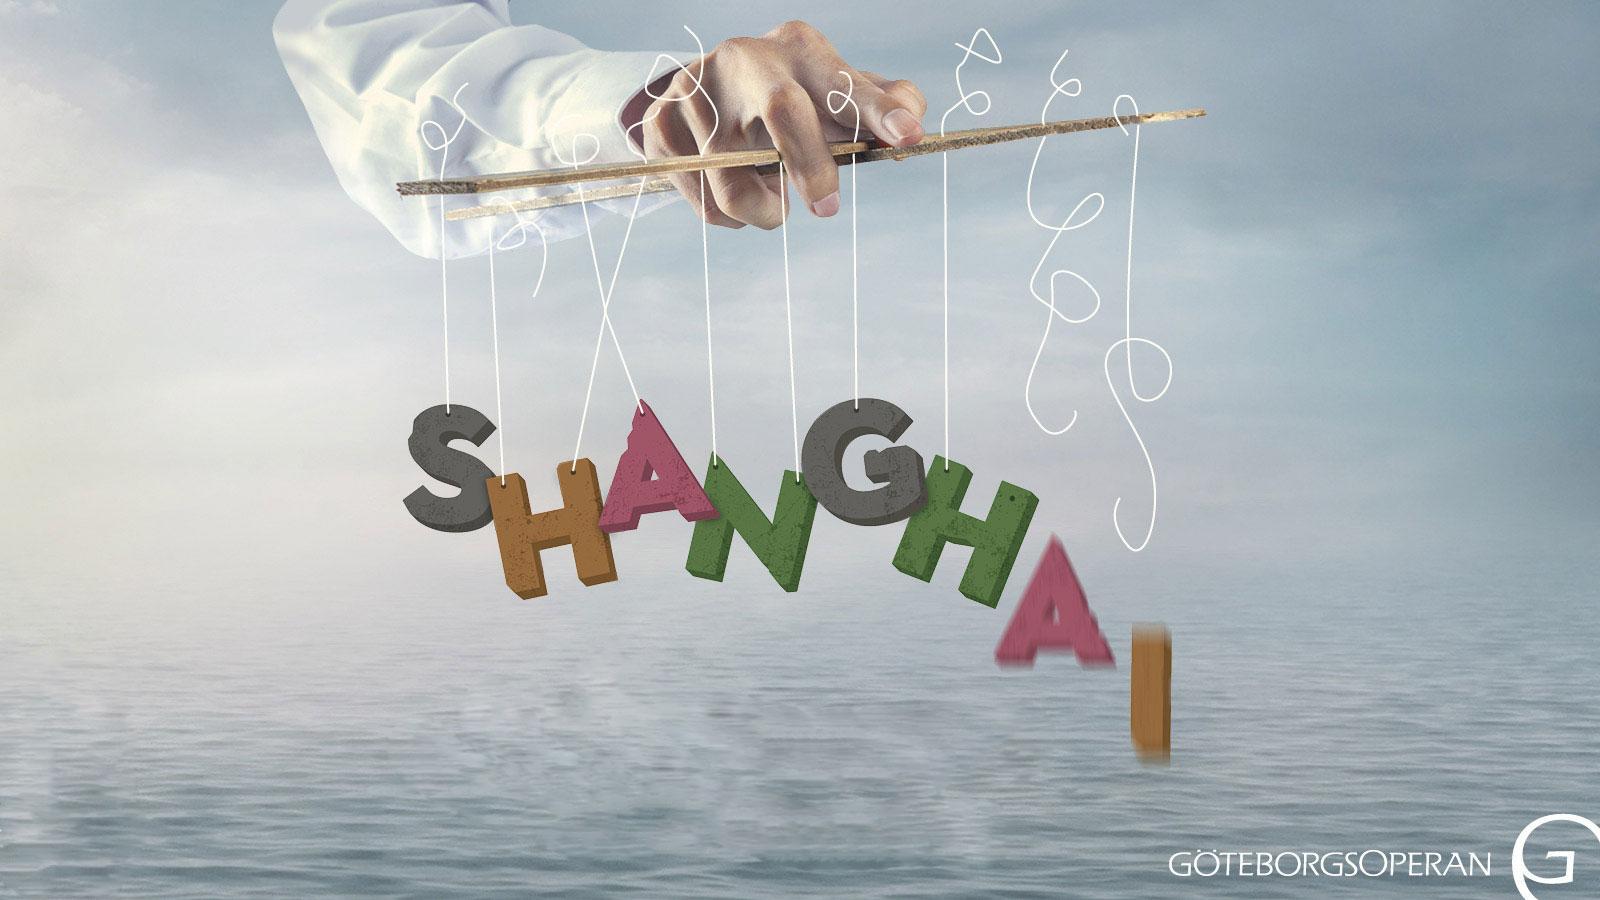 Shanghai - Vem styr ditt liv?